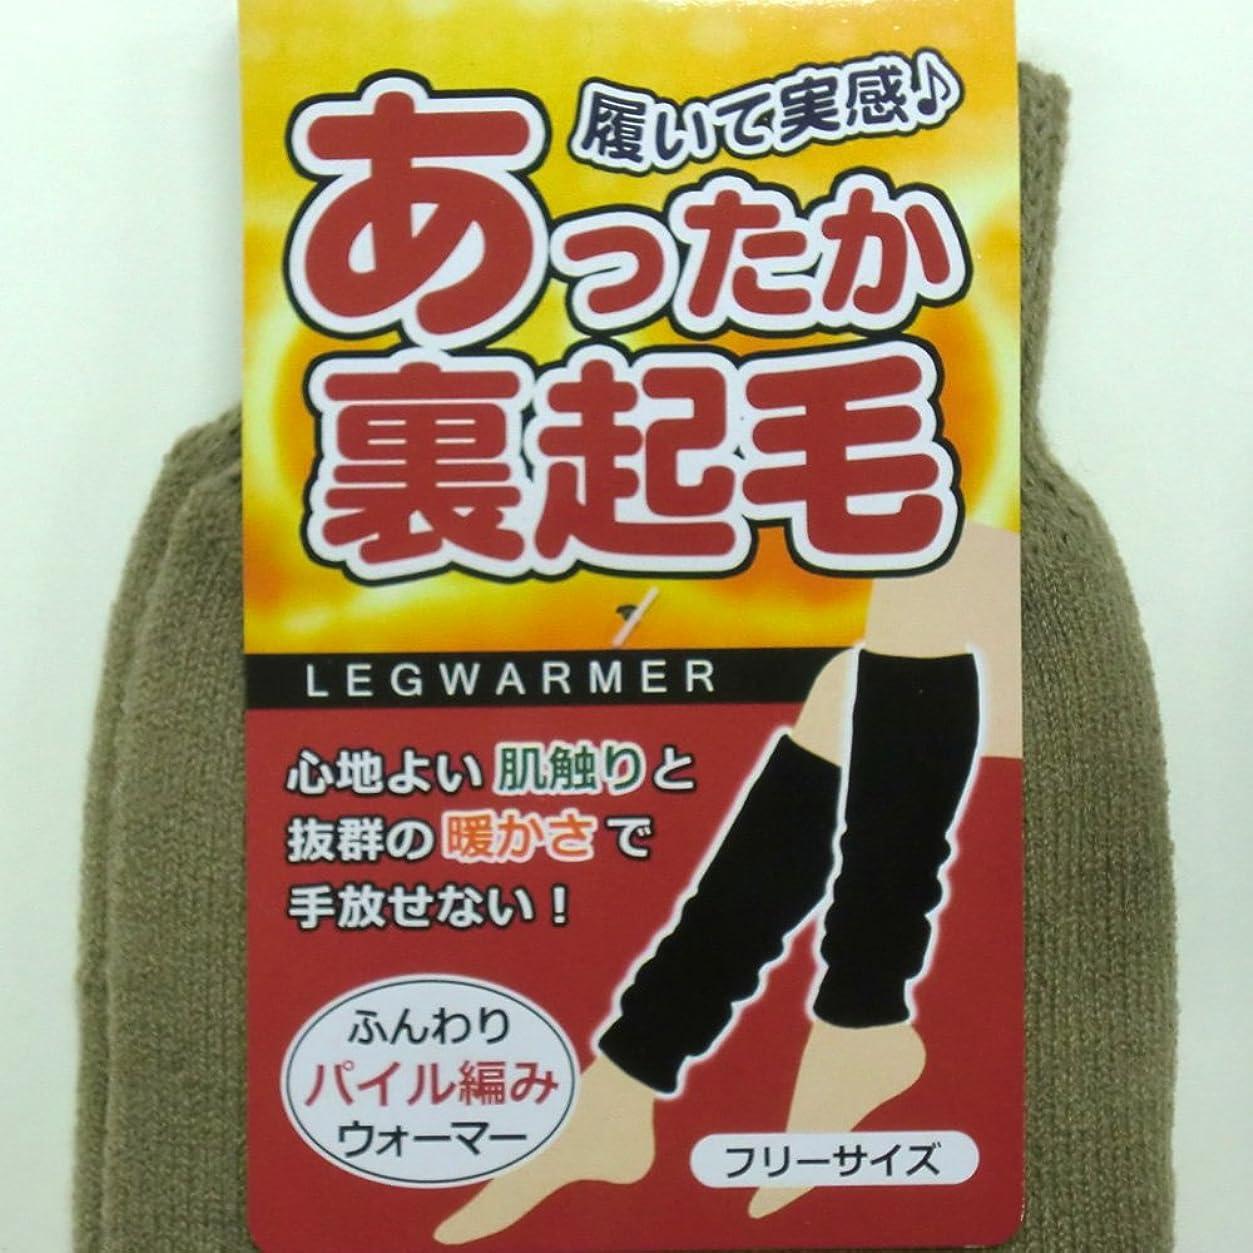 薬理学官僚ウイルスあったか ロング レッグウォーマー 45cm丈 裏起毛 パイル編み カプサイシン加工 男女兼用 2足組(柄はお任せ)